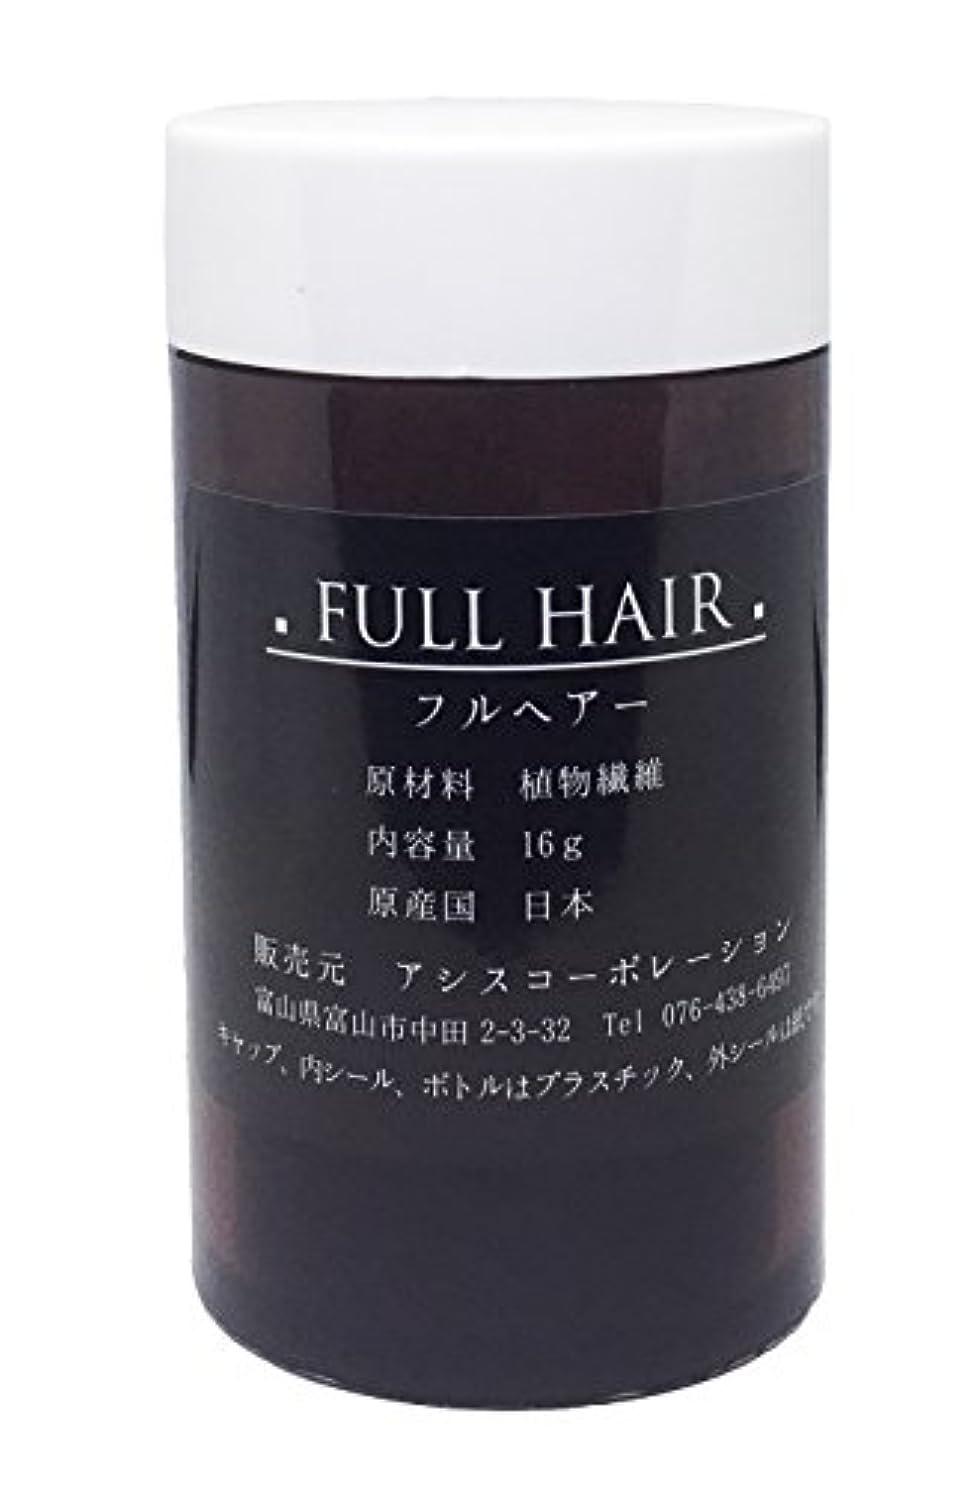 生産的謎めいた著名なフルヘアー 16g ライトブラック 増毛パウダー 薄毛隠し 円形脱毛症に